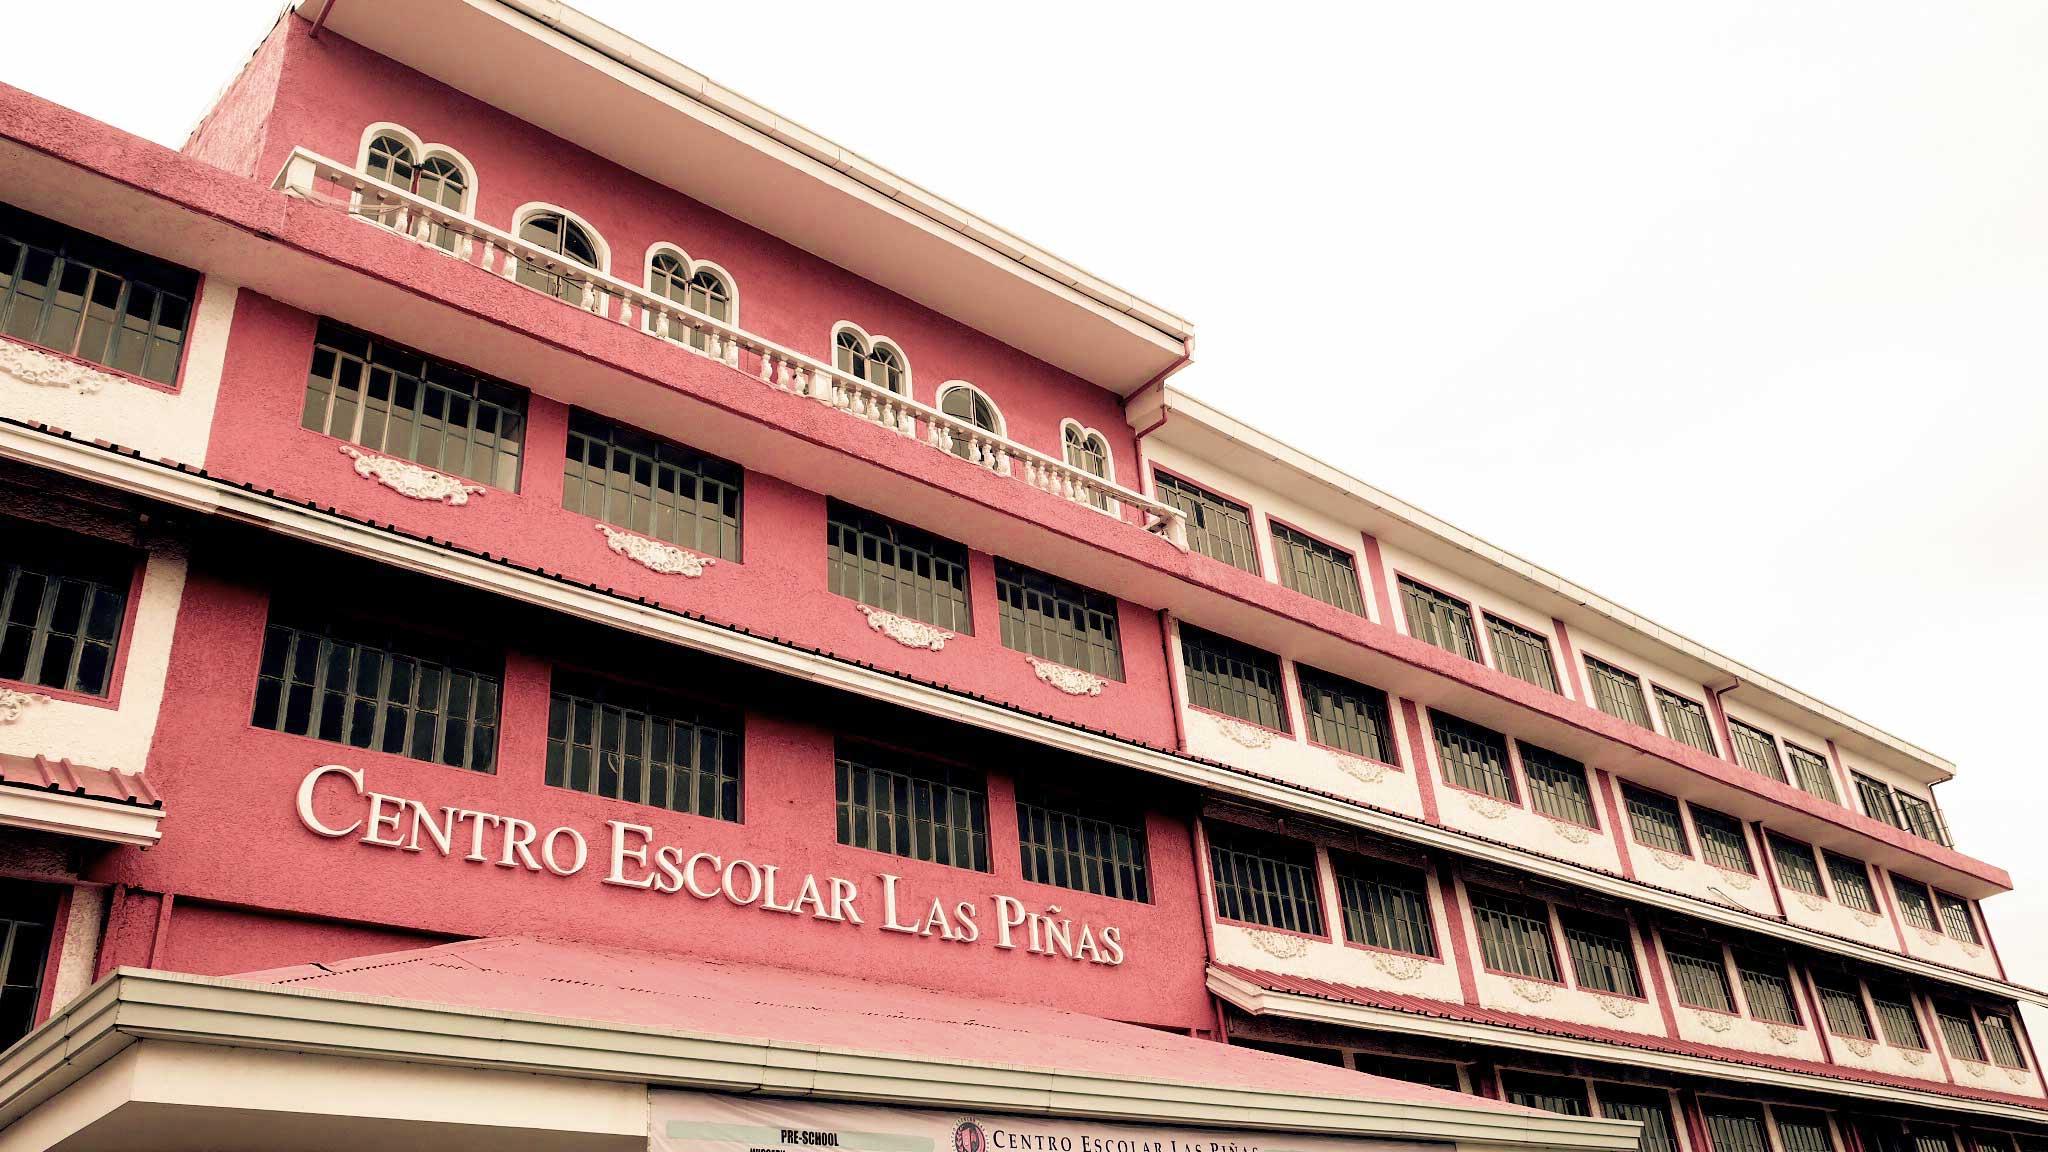 Facade of Centro Escolar Las Piñas